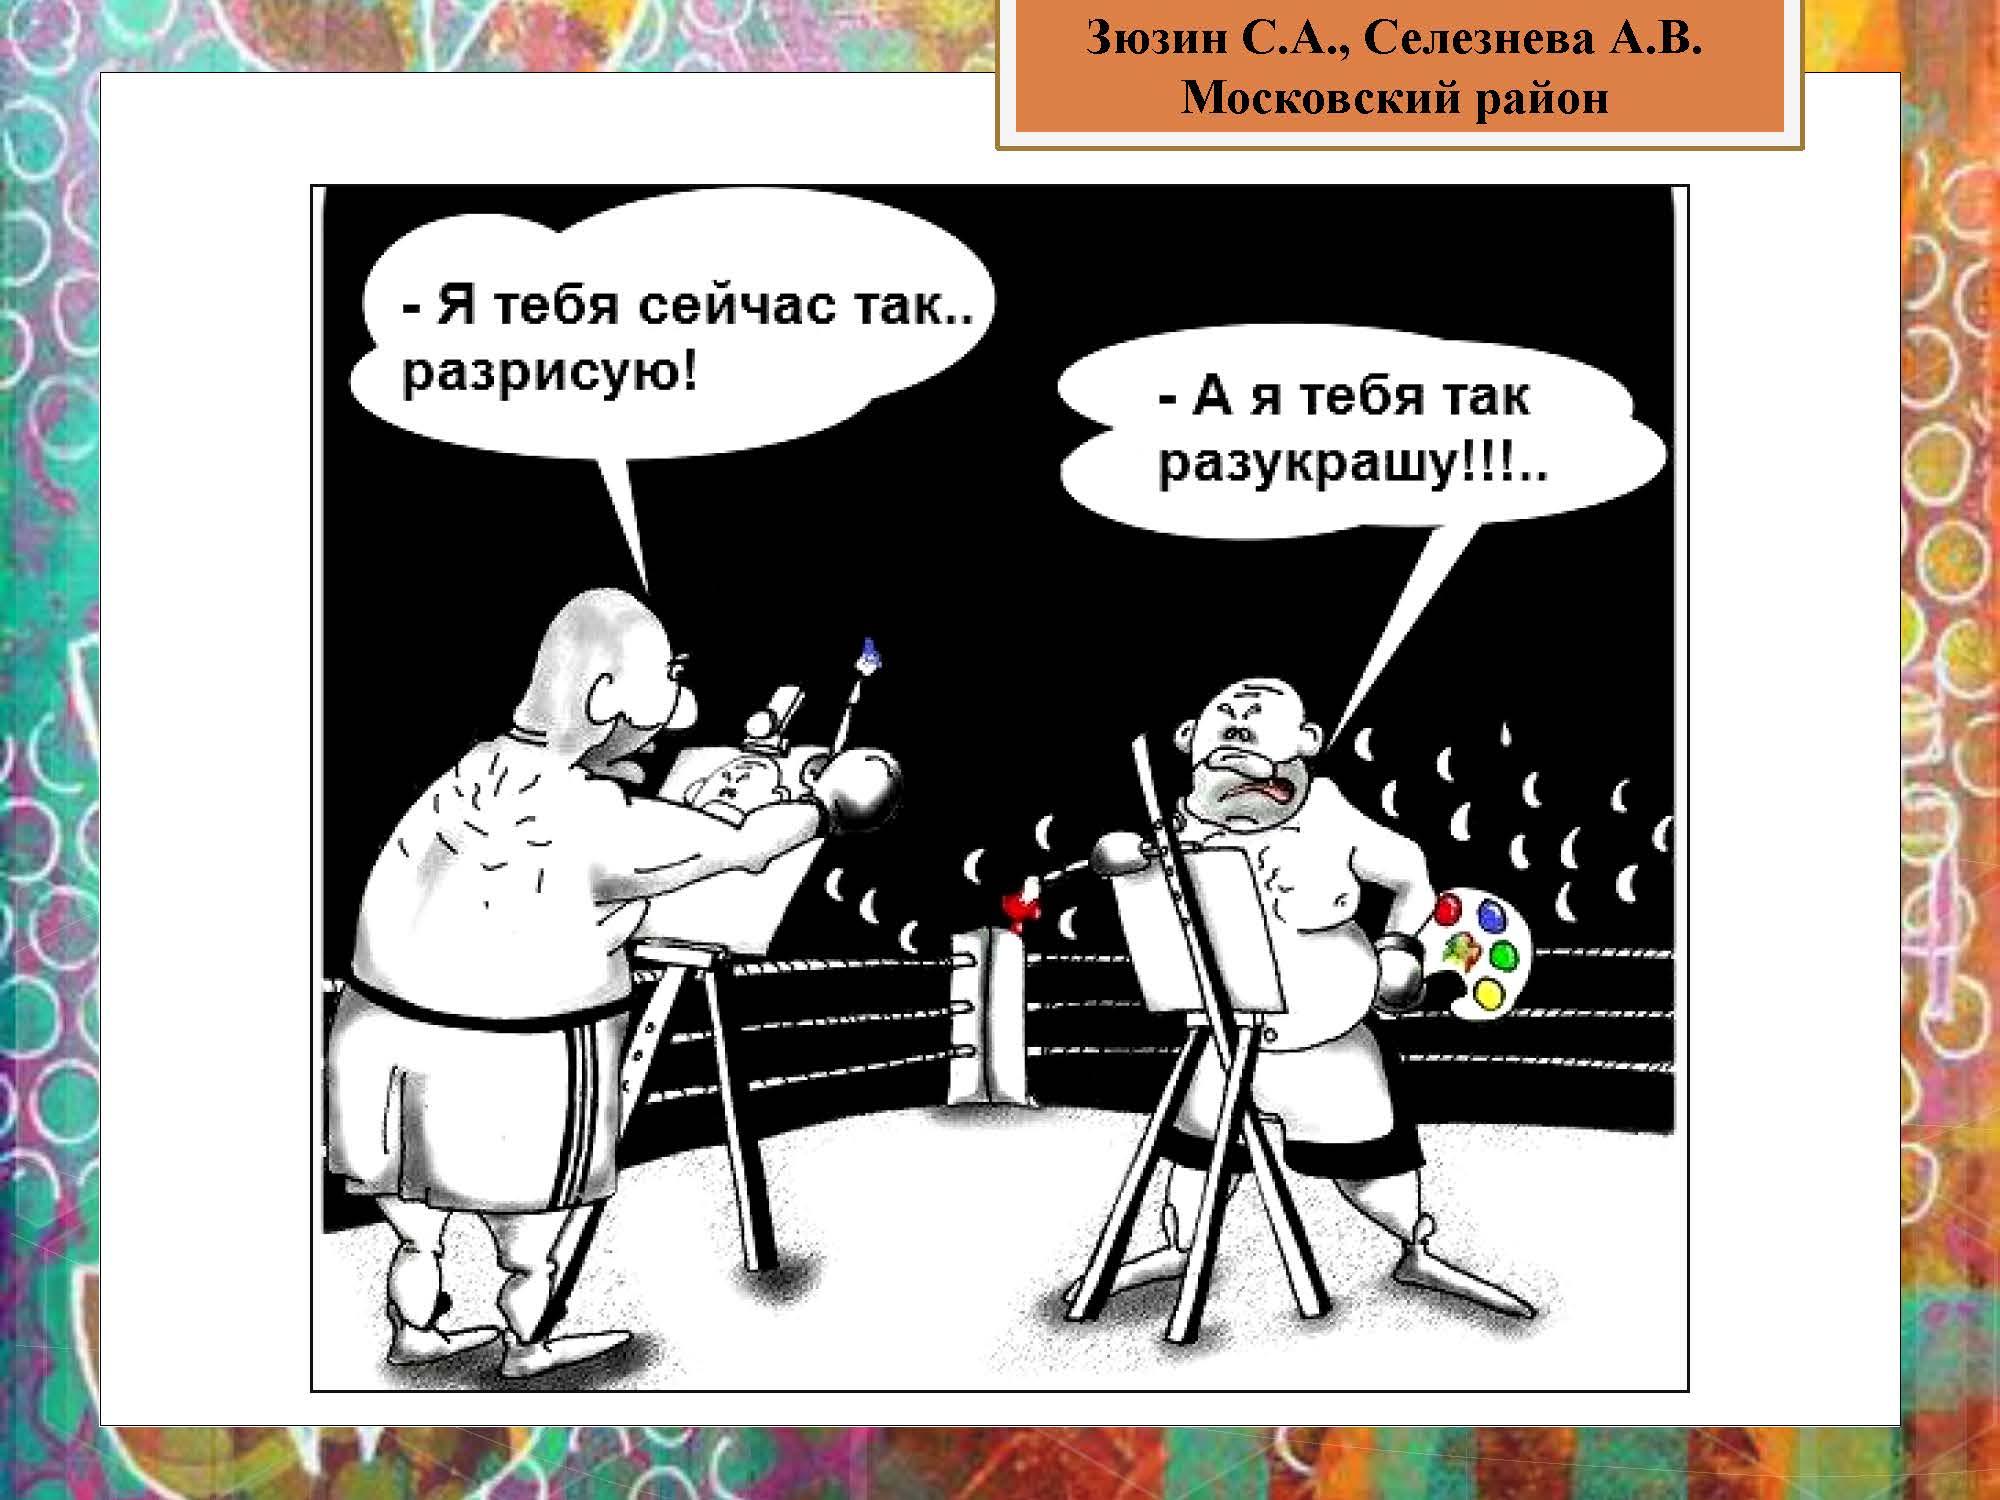 секция 8. ГБОУ 495. Московский район_Страница_13